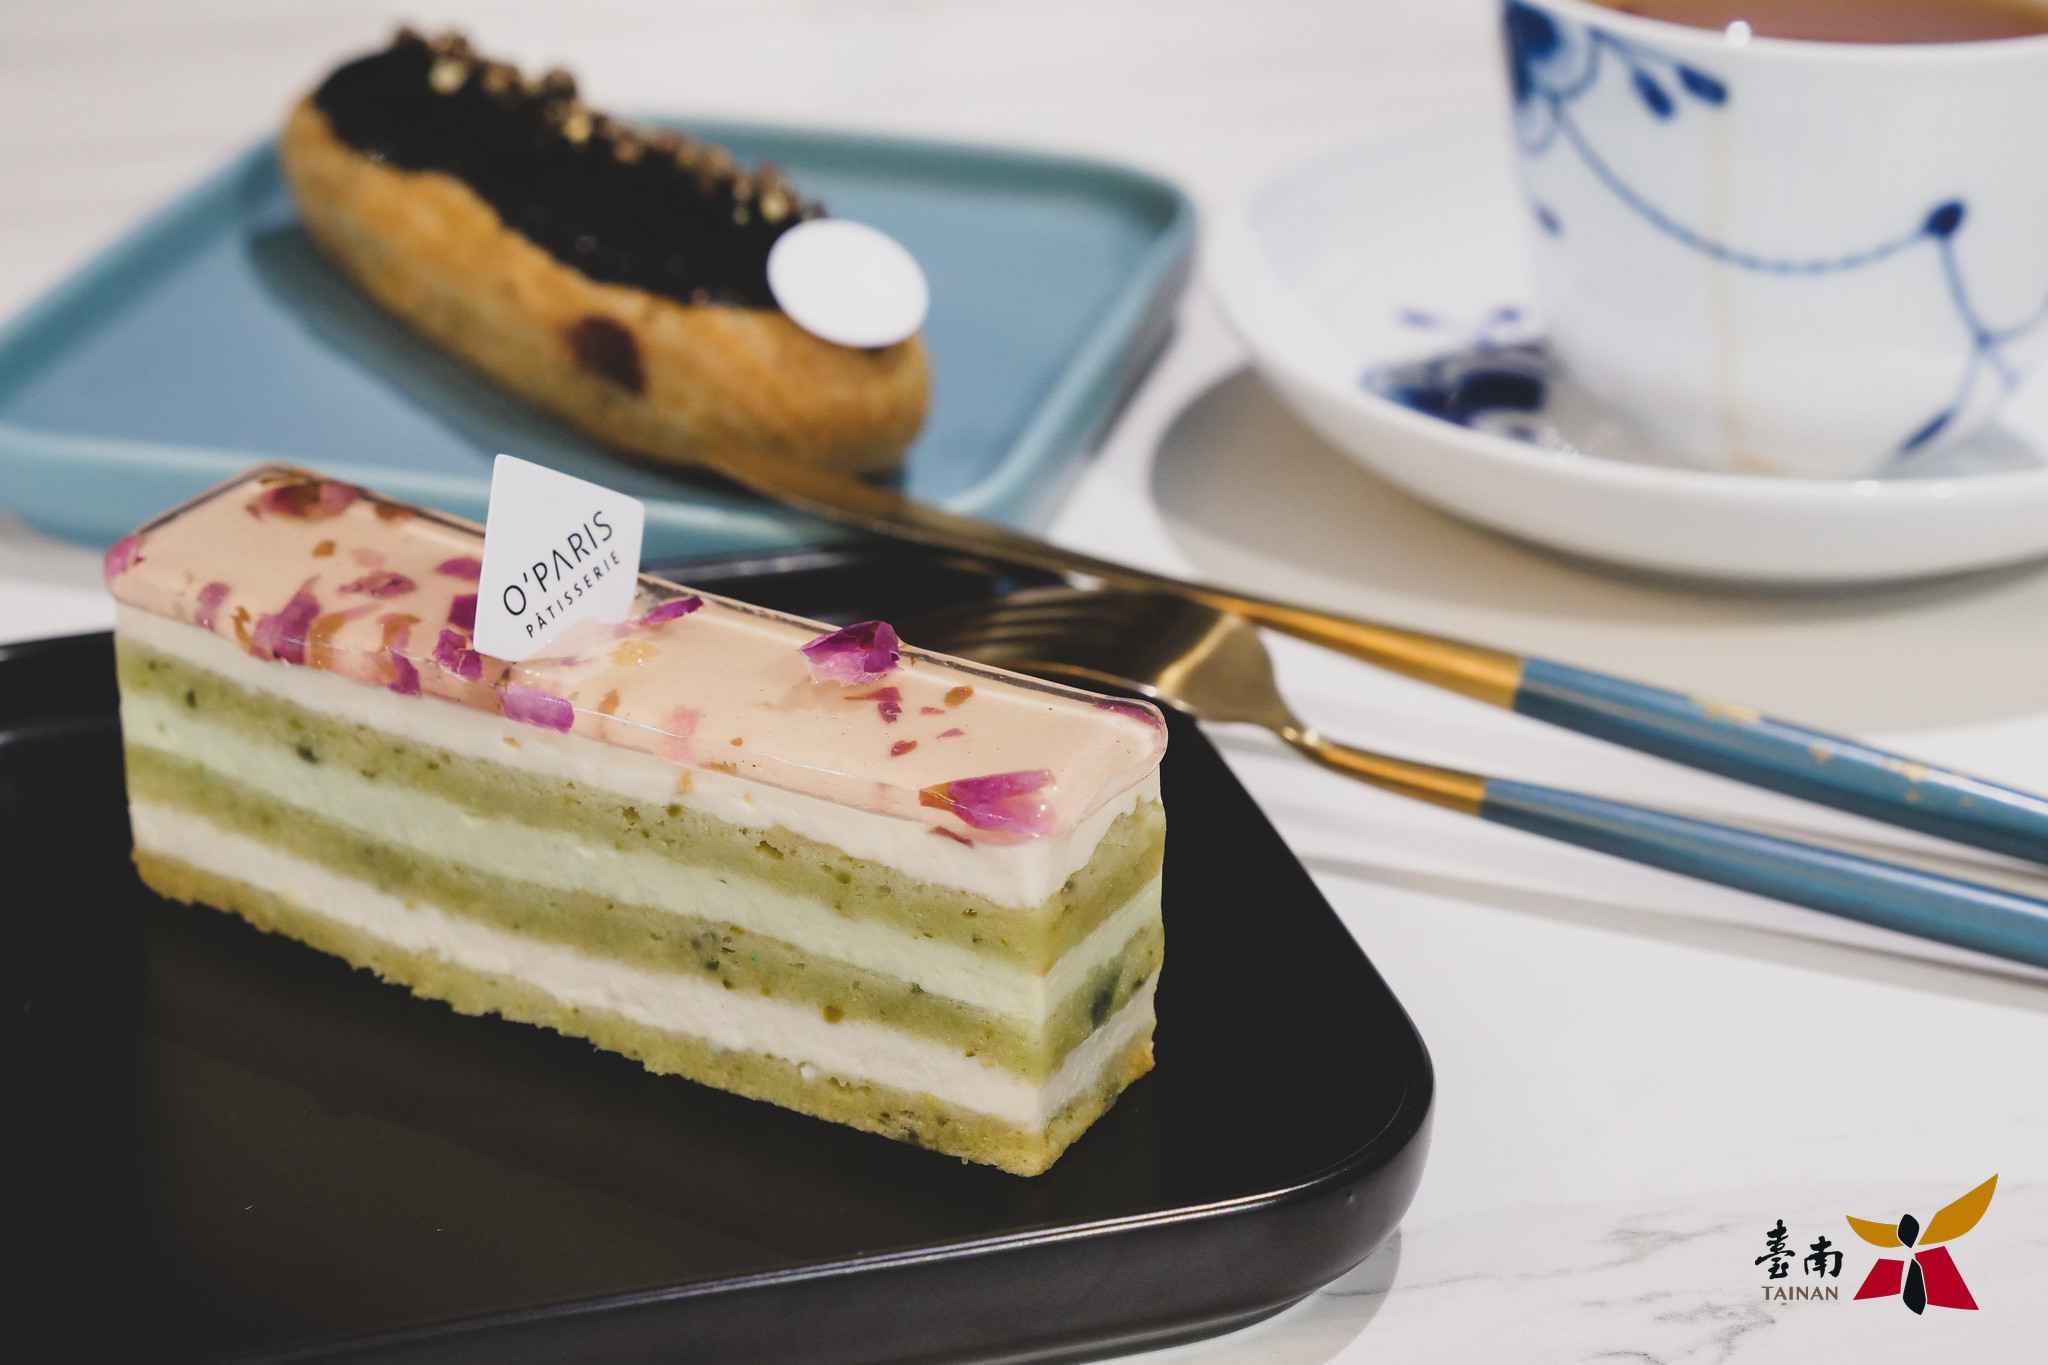 台南法式甜點 - Mytainan - 05